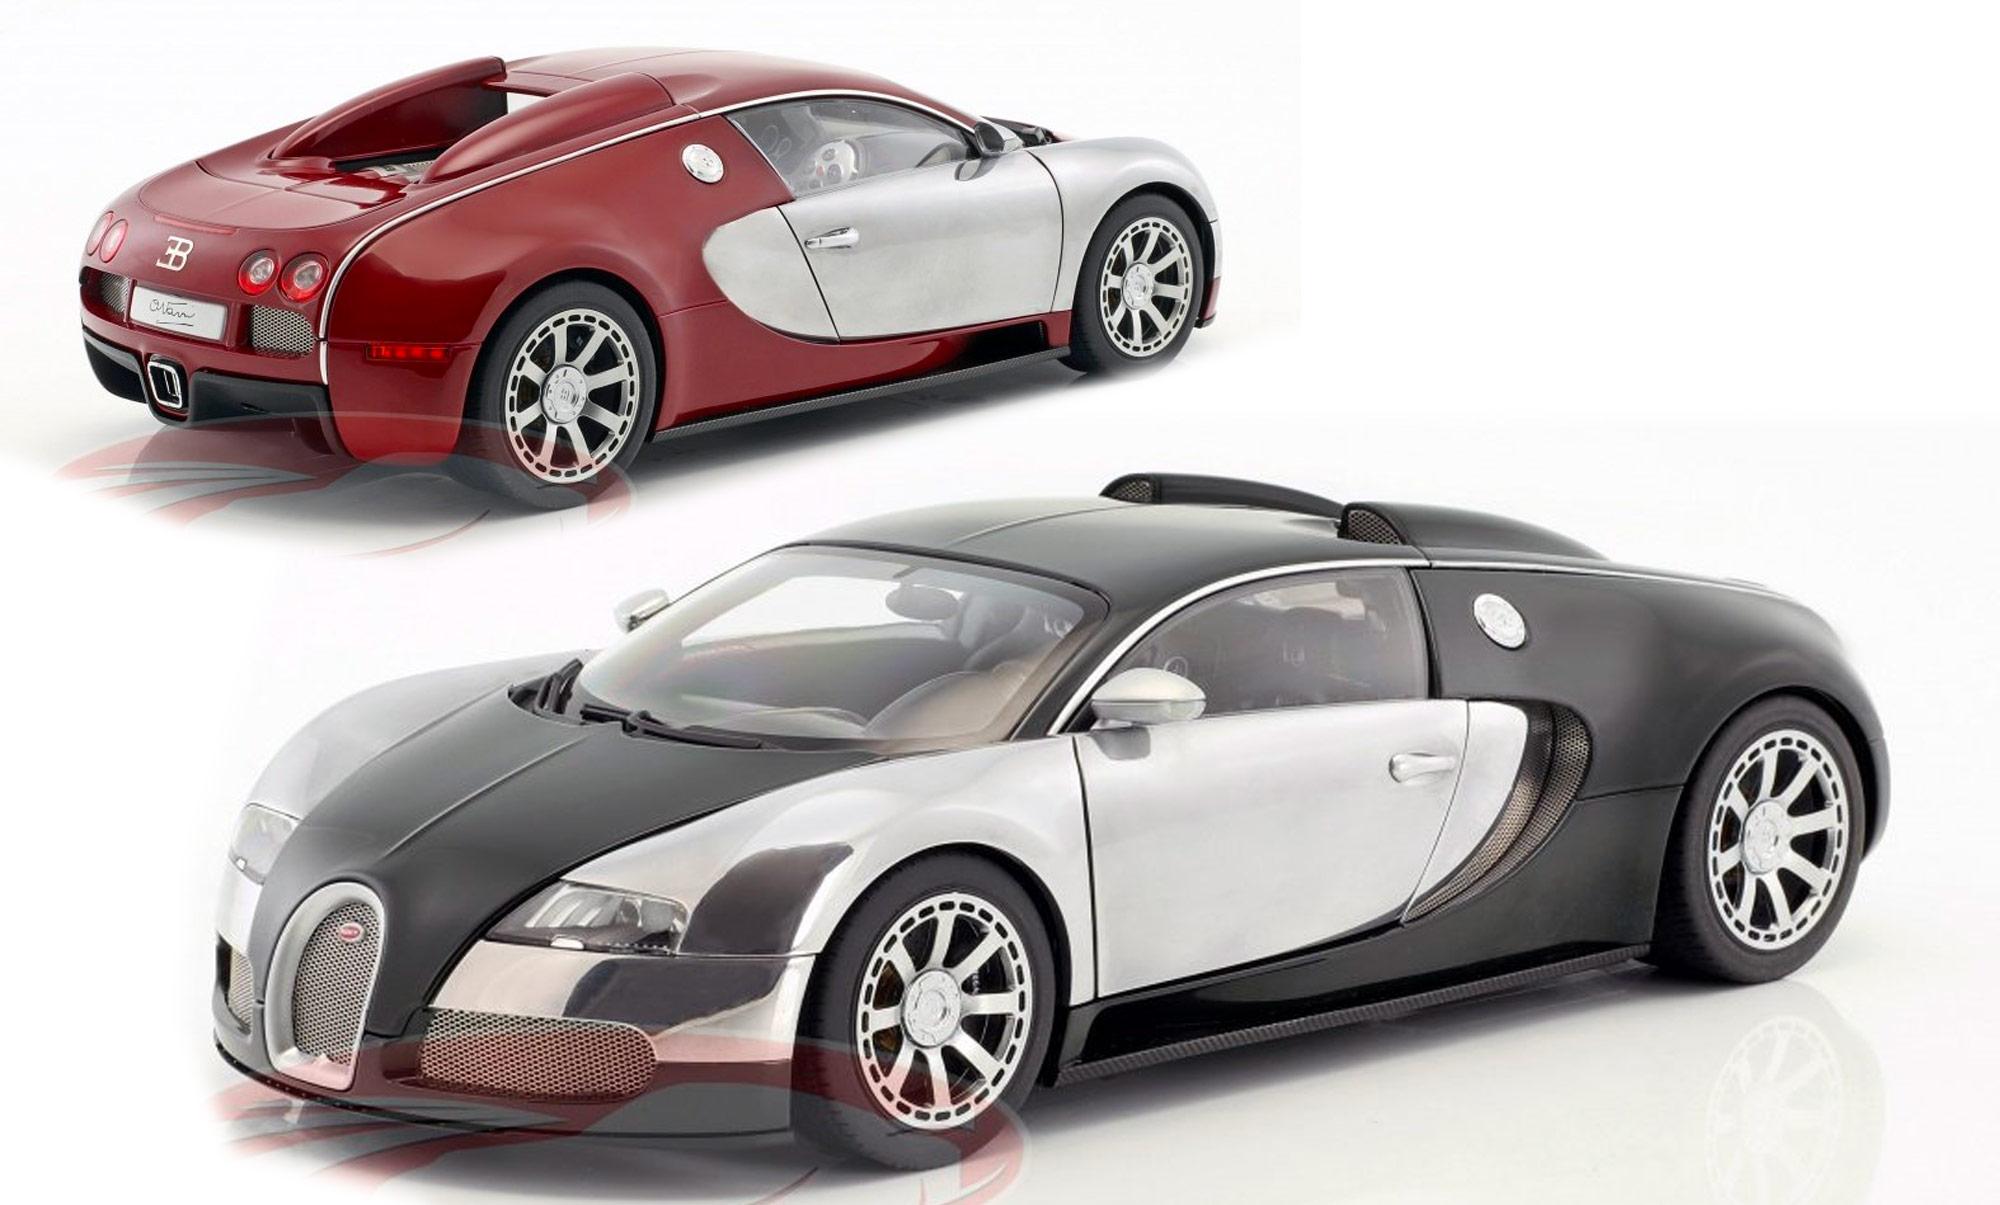 1/18 Bugatti Veyron AUTOart 70957 70958